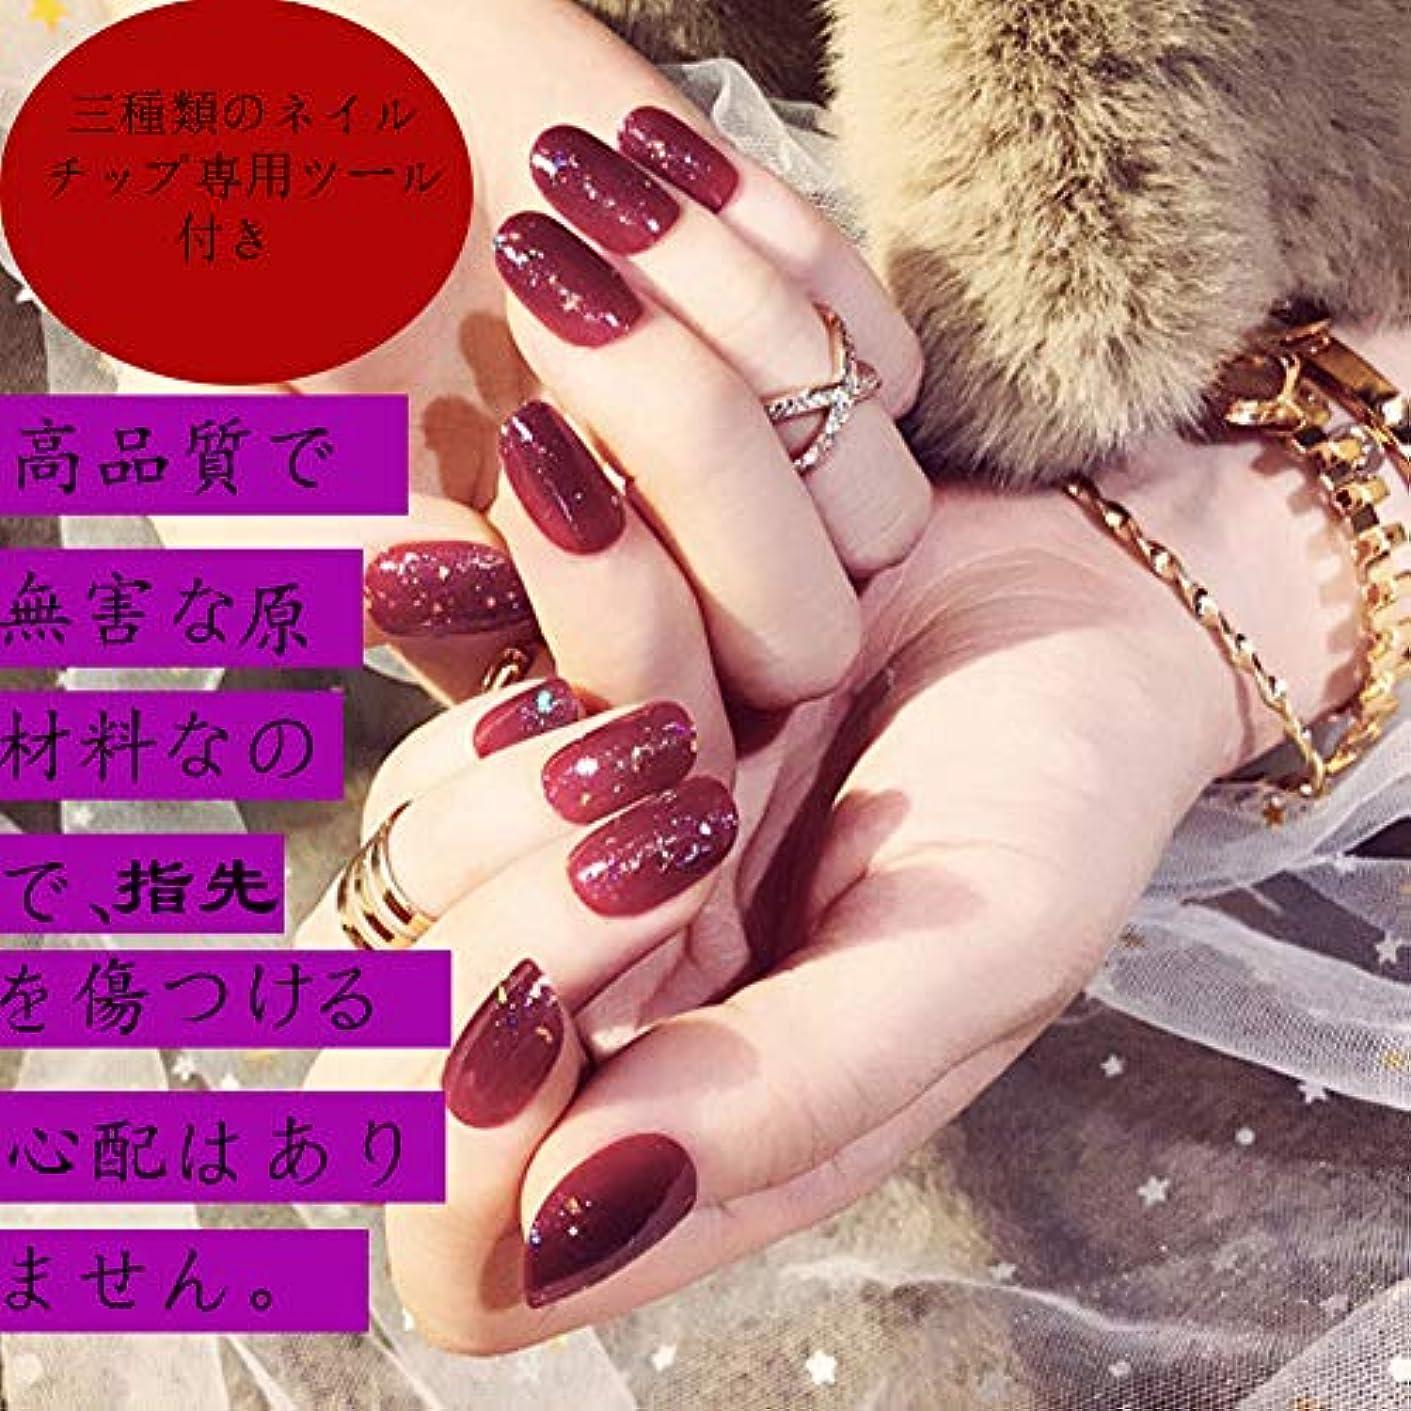 哲学ホームレス支店HuangHM小悪魔系キレイ魅せネイルチップ ライトセラピー人体に无害上品 ヌーディ グラマラスクール ネイルチップ つけ爪なかっこいい系 付け爪 簡単便利な付け爪 エレガント 和柄着物和装成人式にも